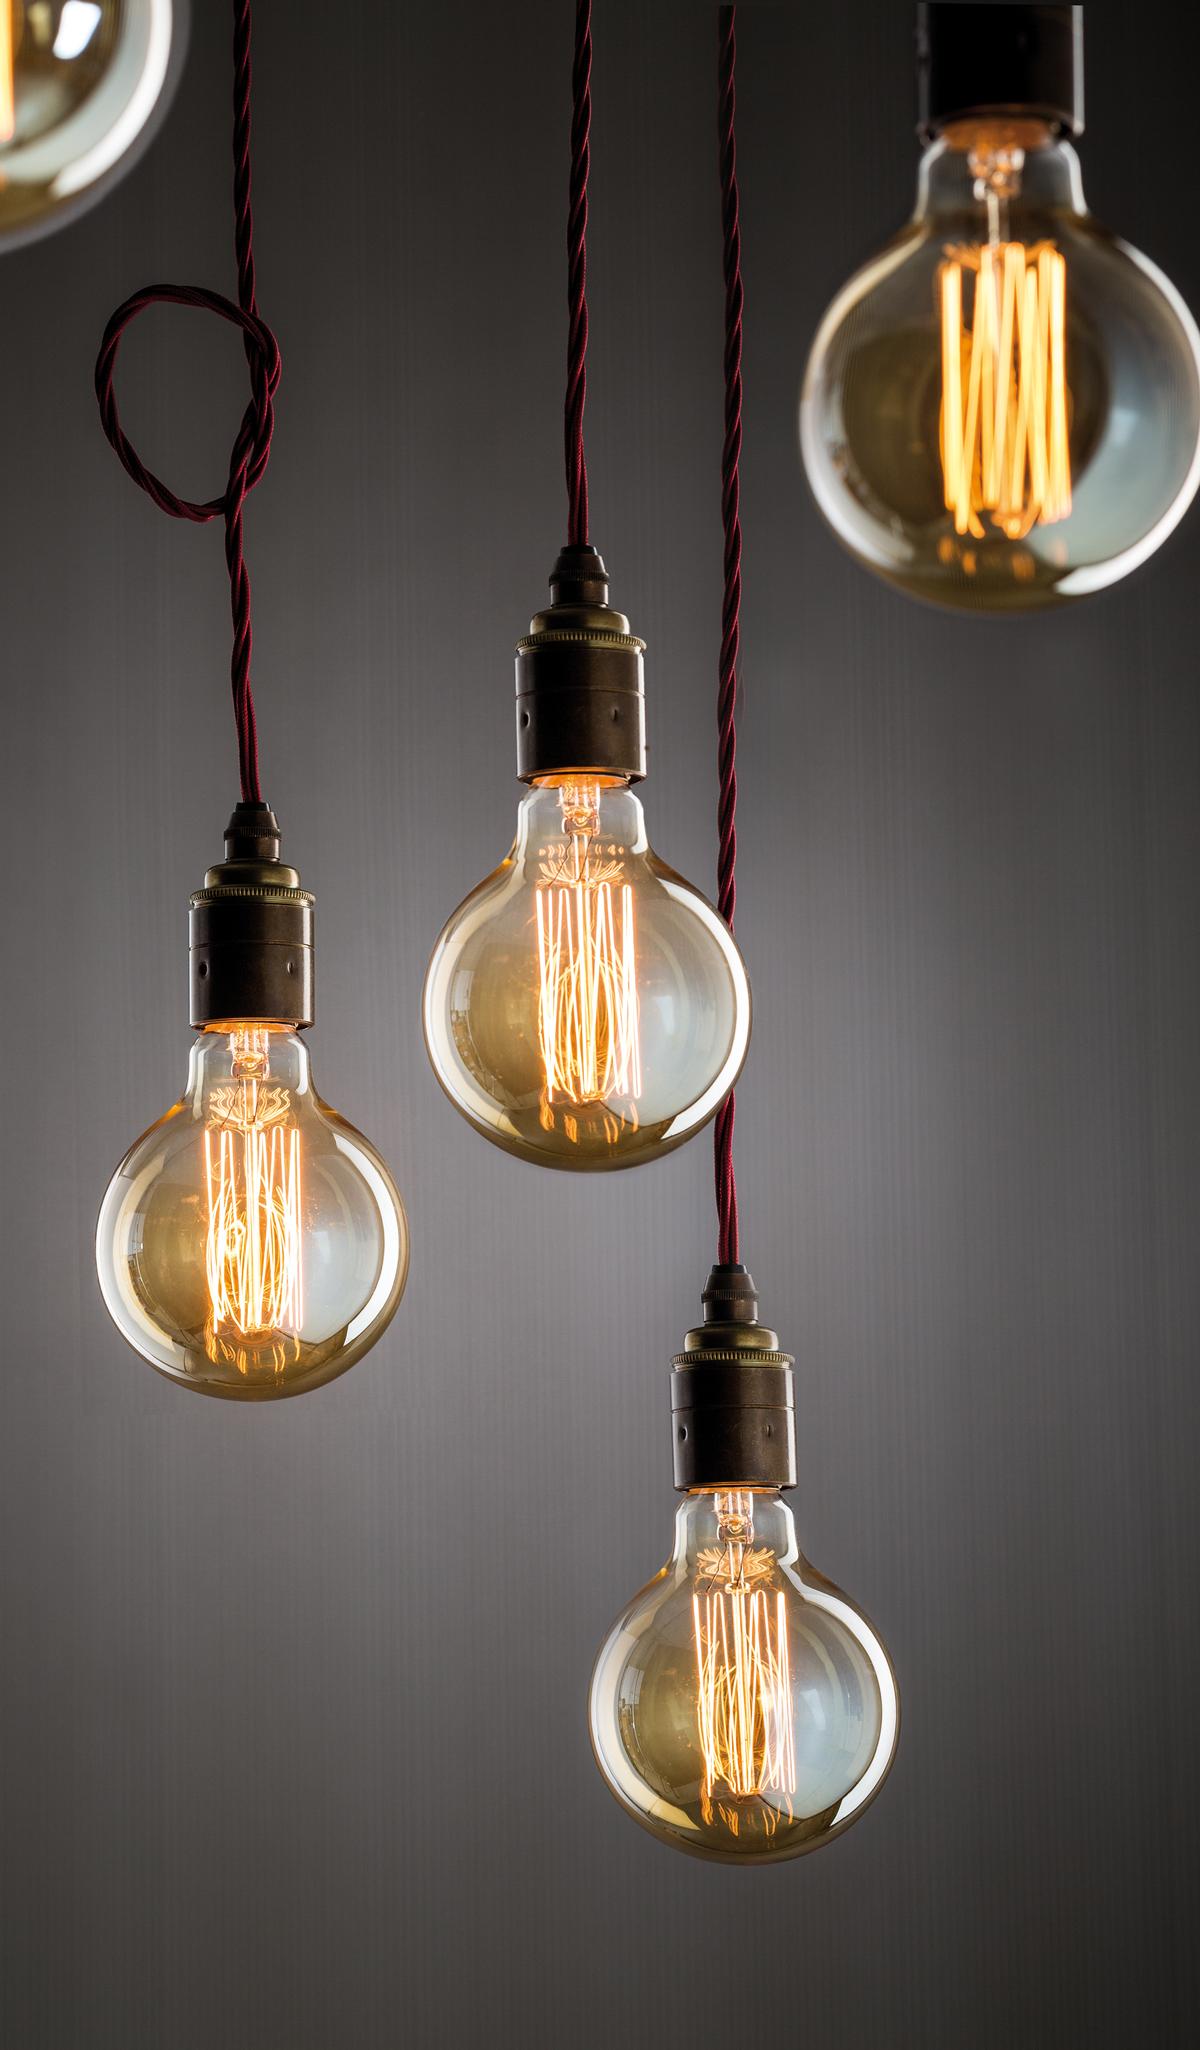 badezimmer lampe gl hbirne lampe gras deutschland haus ideen. Black Bedroom Furniture Sets. Home Design Ideas